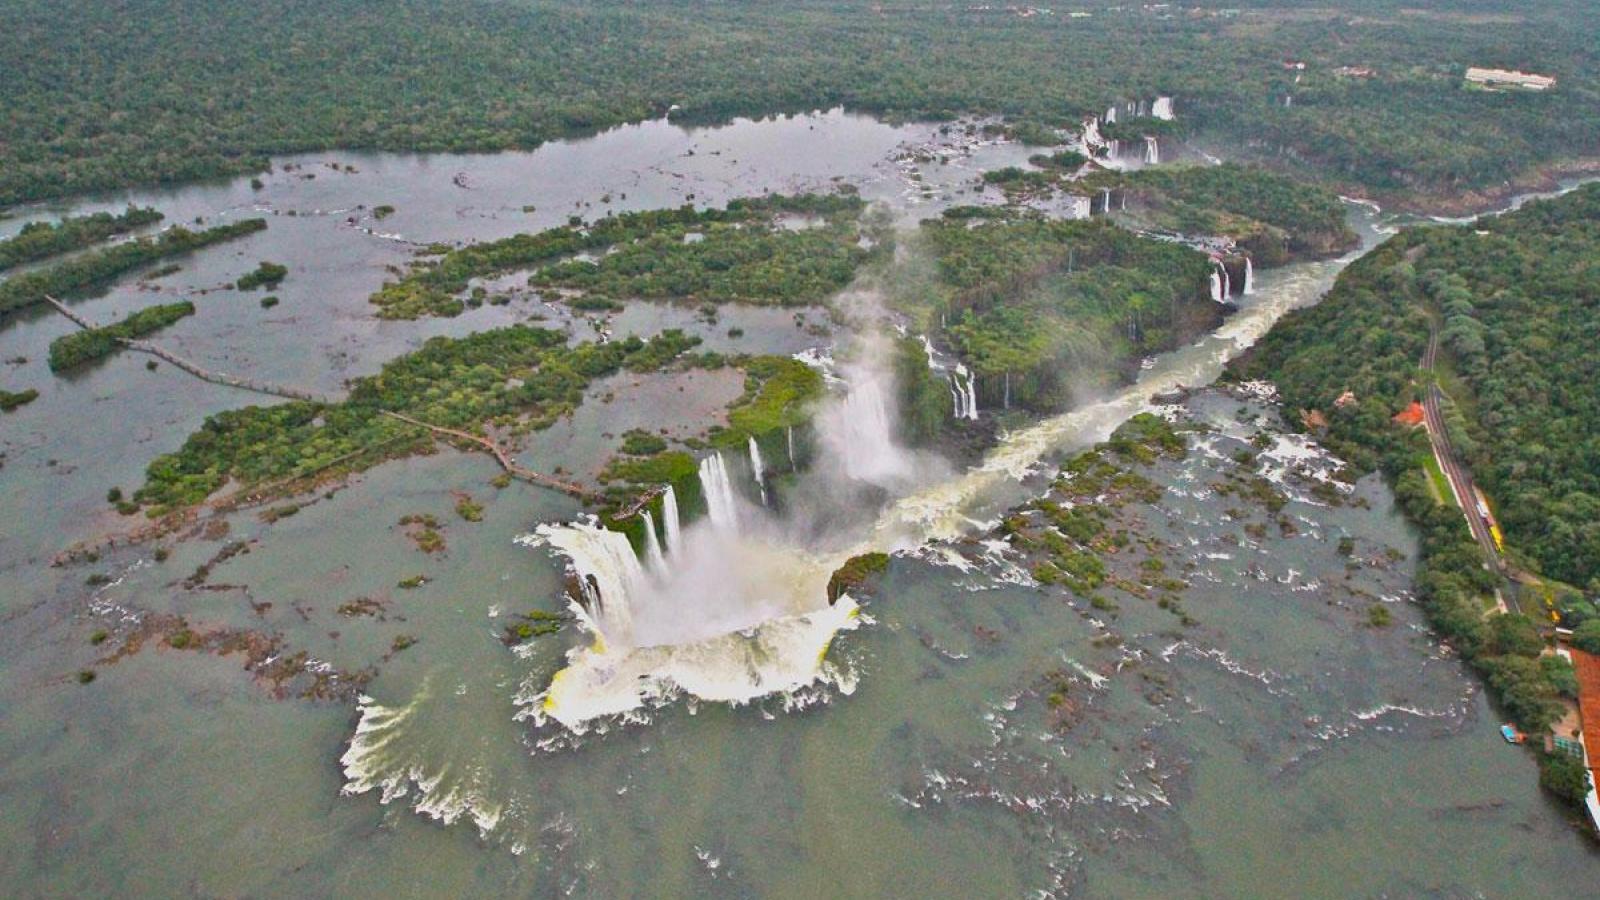 Salto de Sete Quedas: a maravilha natural inundada por um lago artificial 01